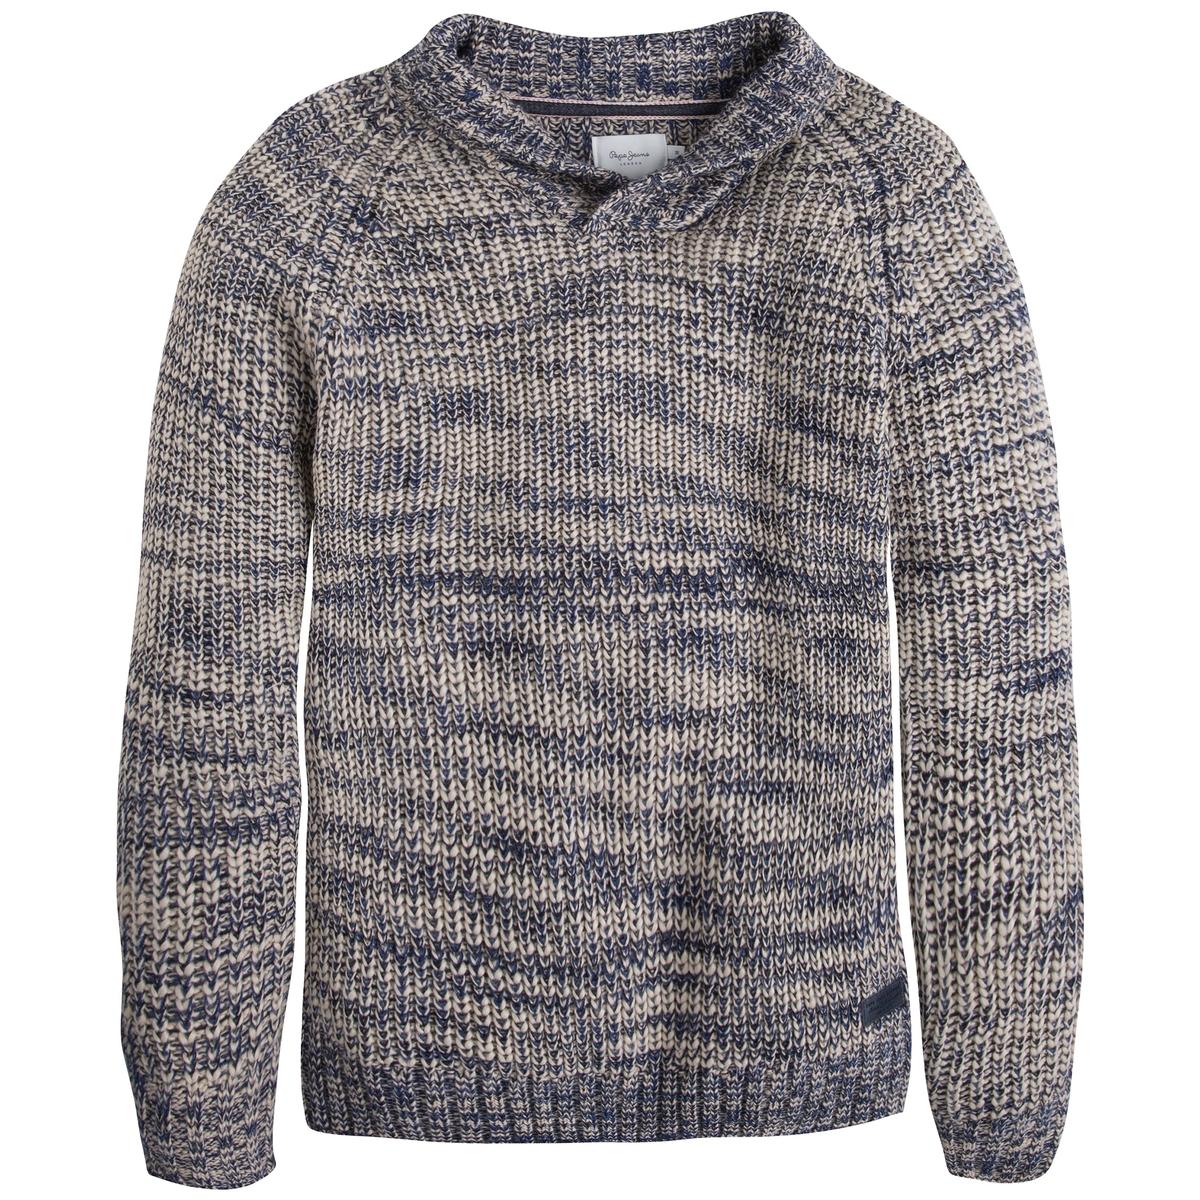 Пуловер с шалевым воротником - PEPE JEANS pepe jeans pepe jeans pm502627 803